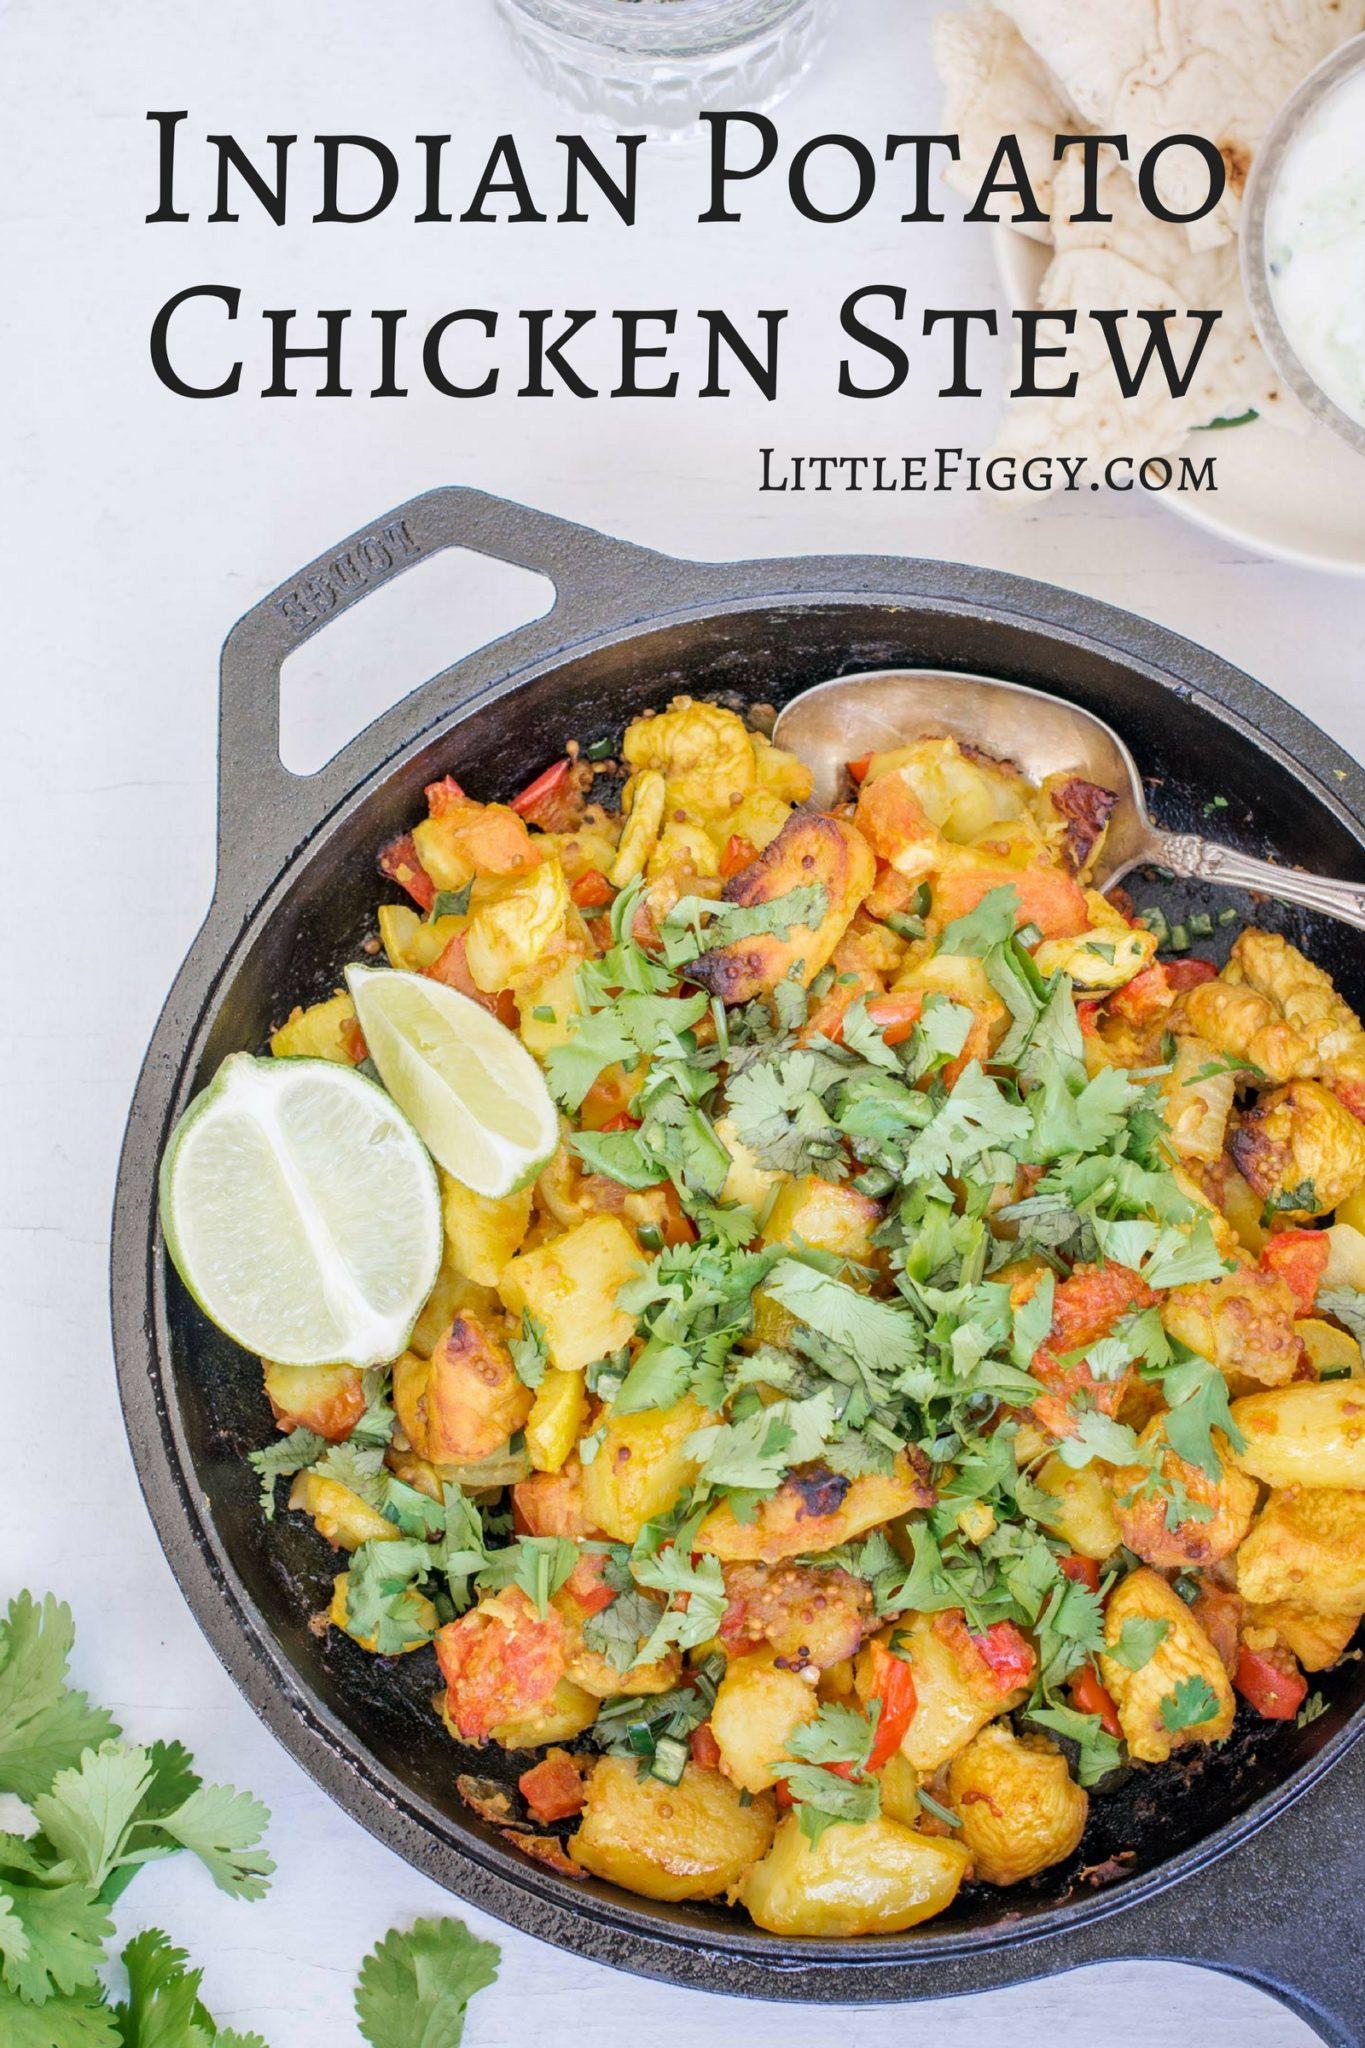 Indian Potato Chicken Stew Recipe